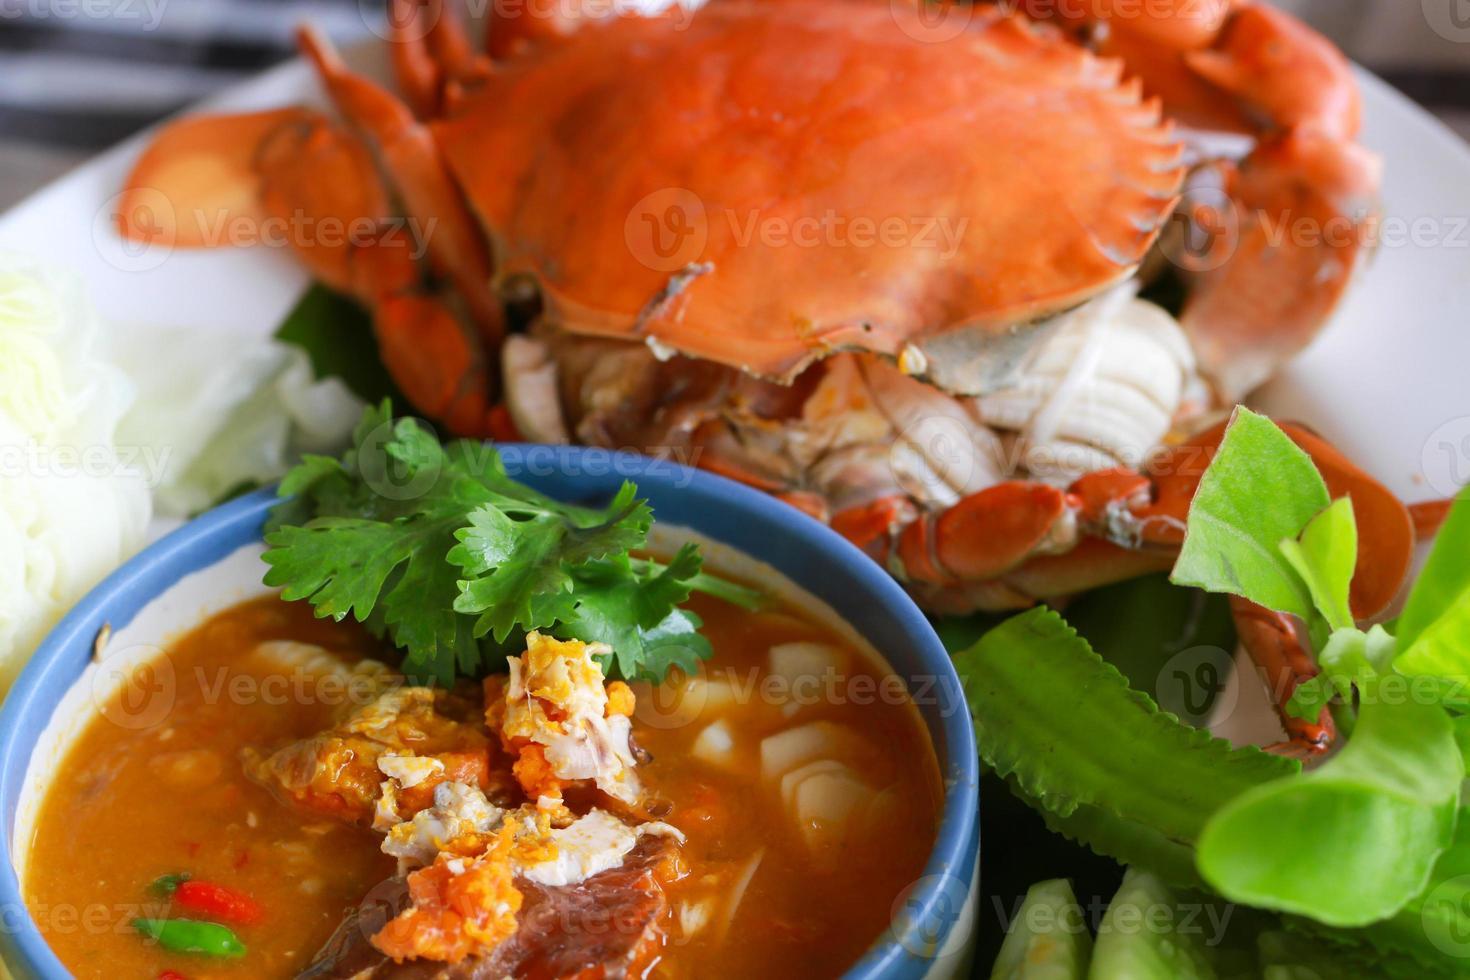 salsa de chile herbal picante comida tailandesa, enfoque selectivo foto